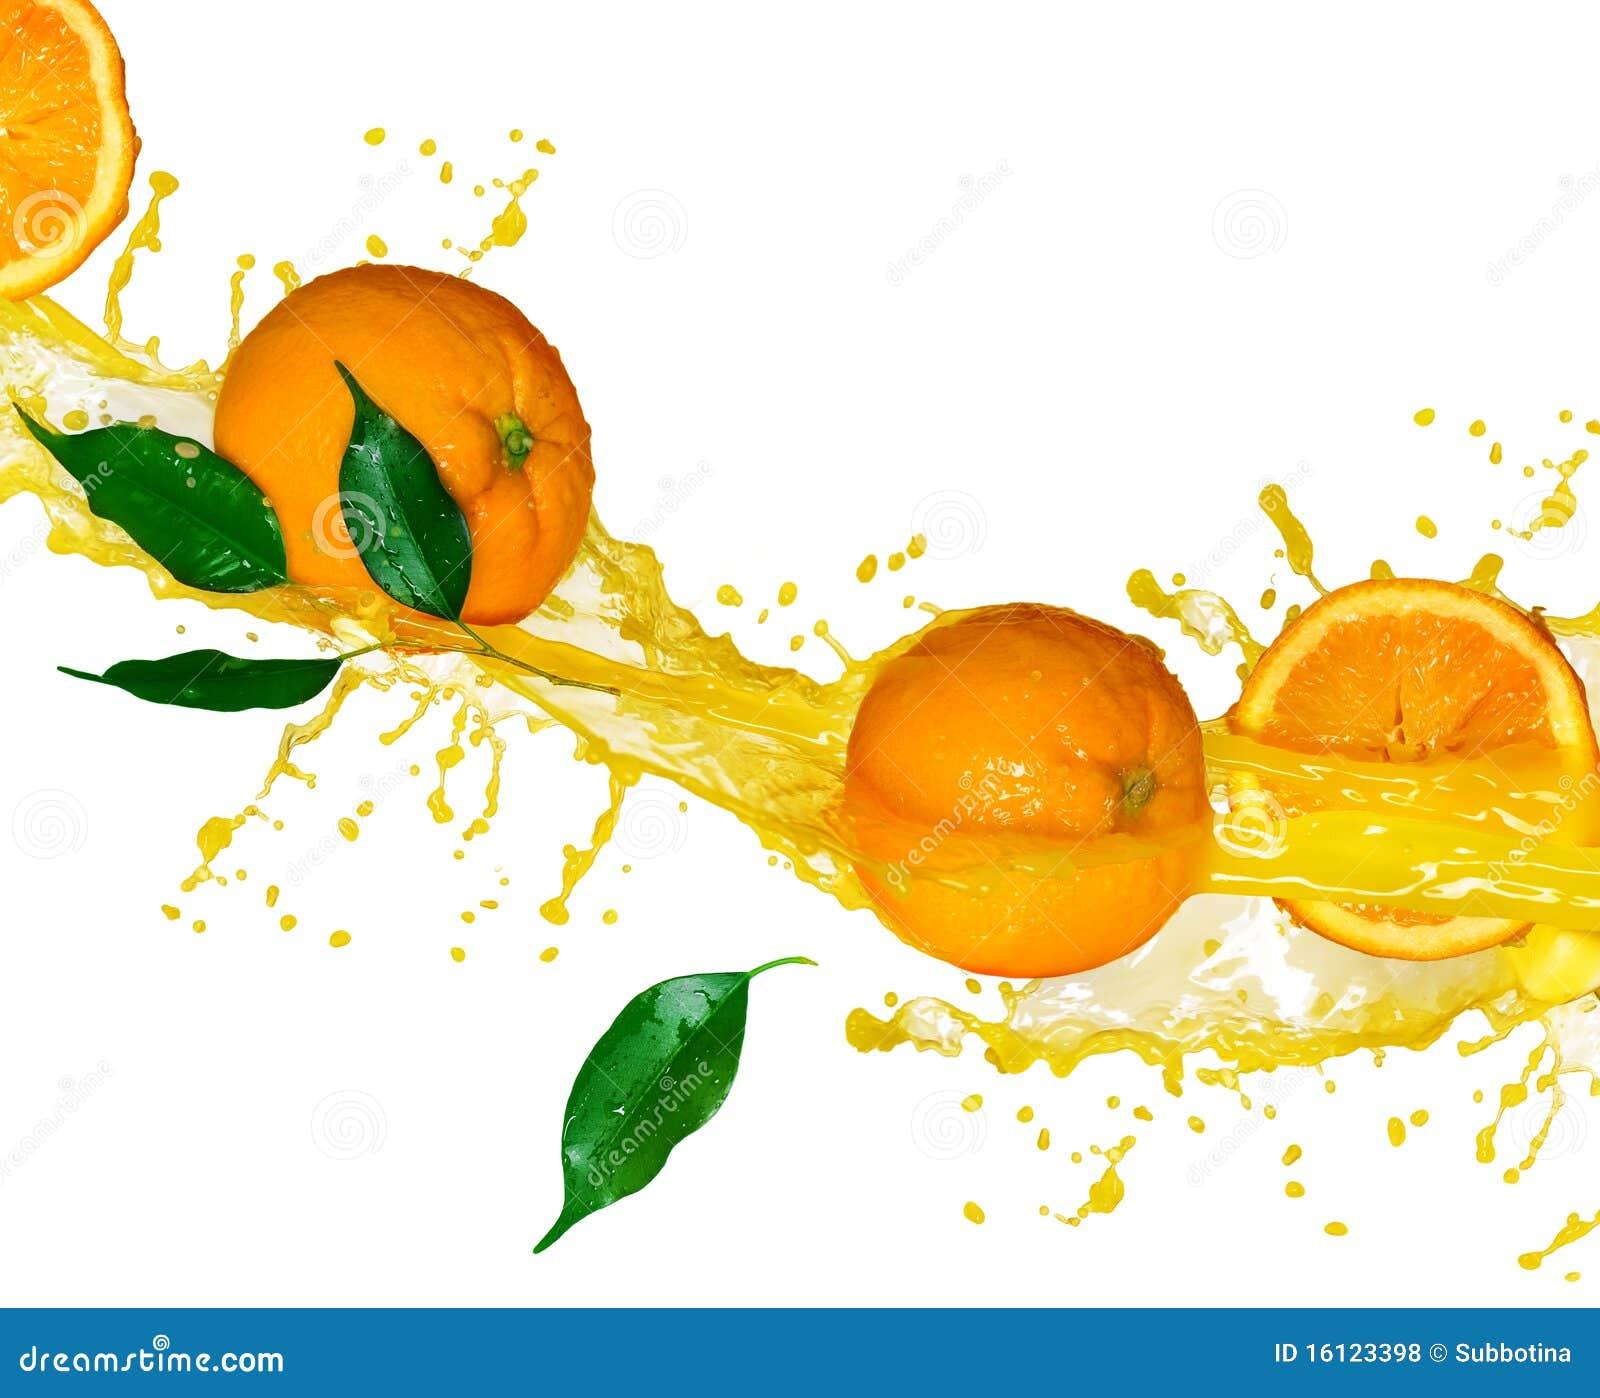 Orange juice splashng